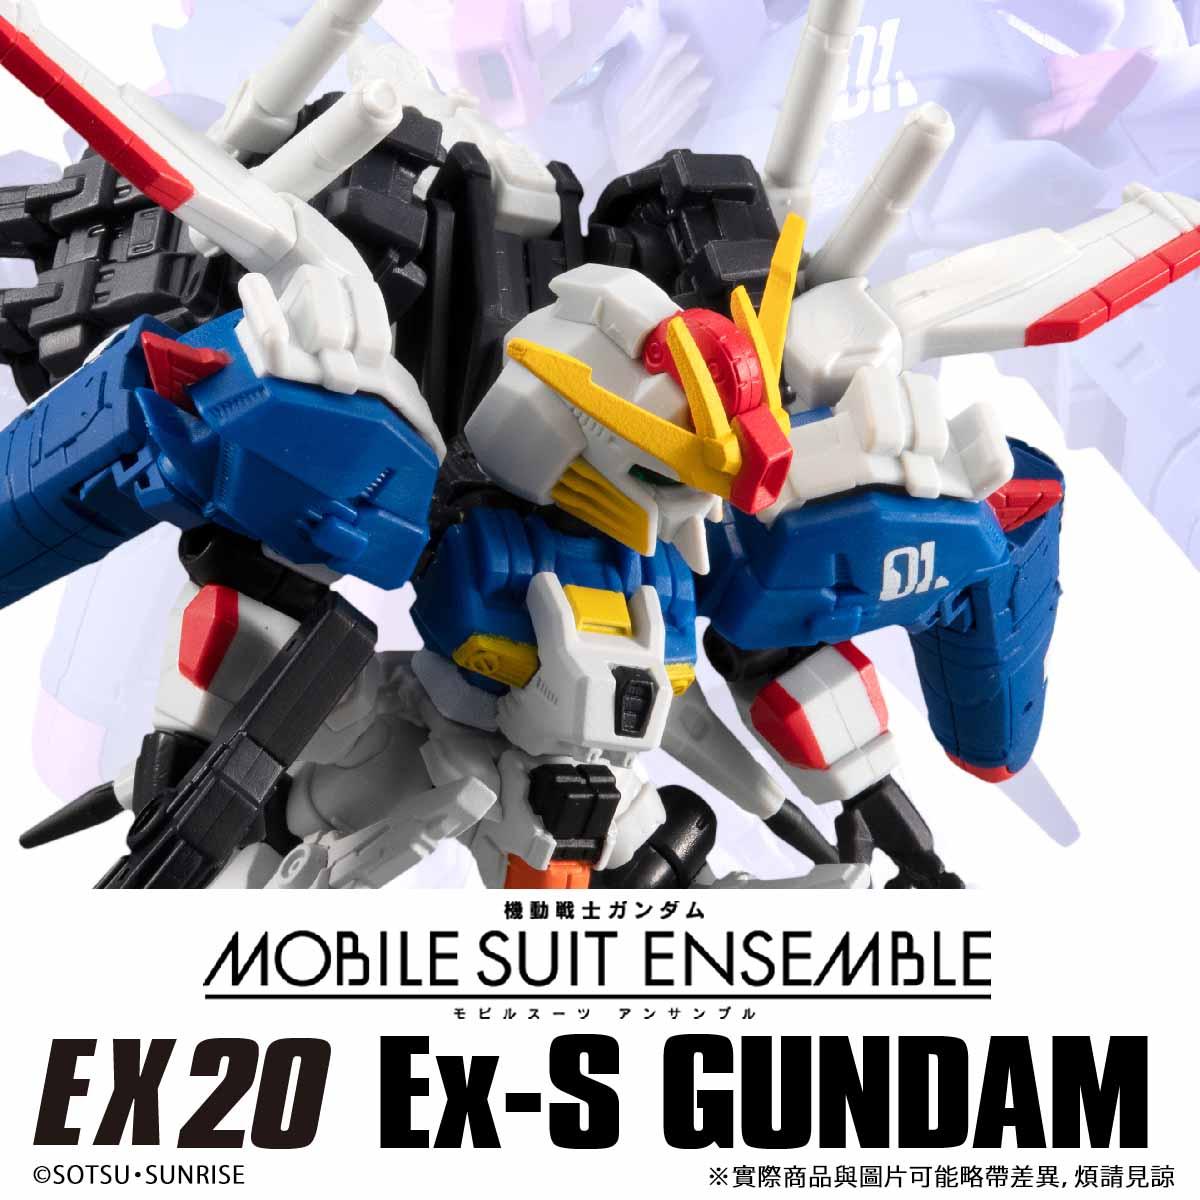 MOBILE SUIT ENSEMBLE EX20 EX-S GUNDAM